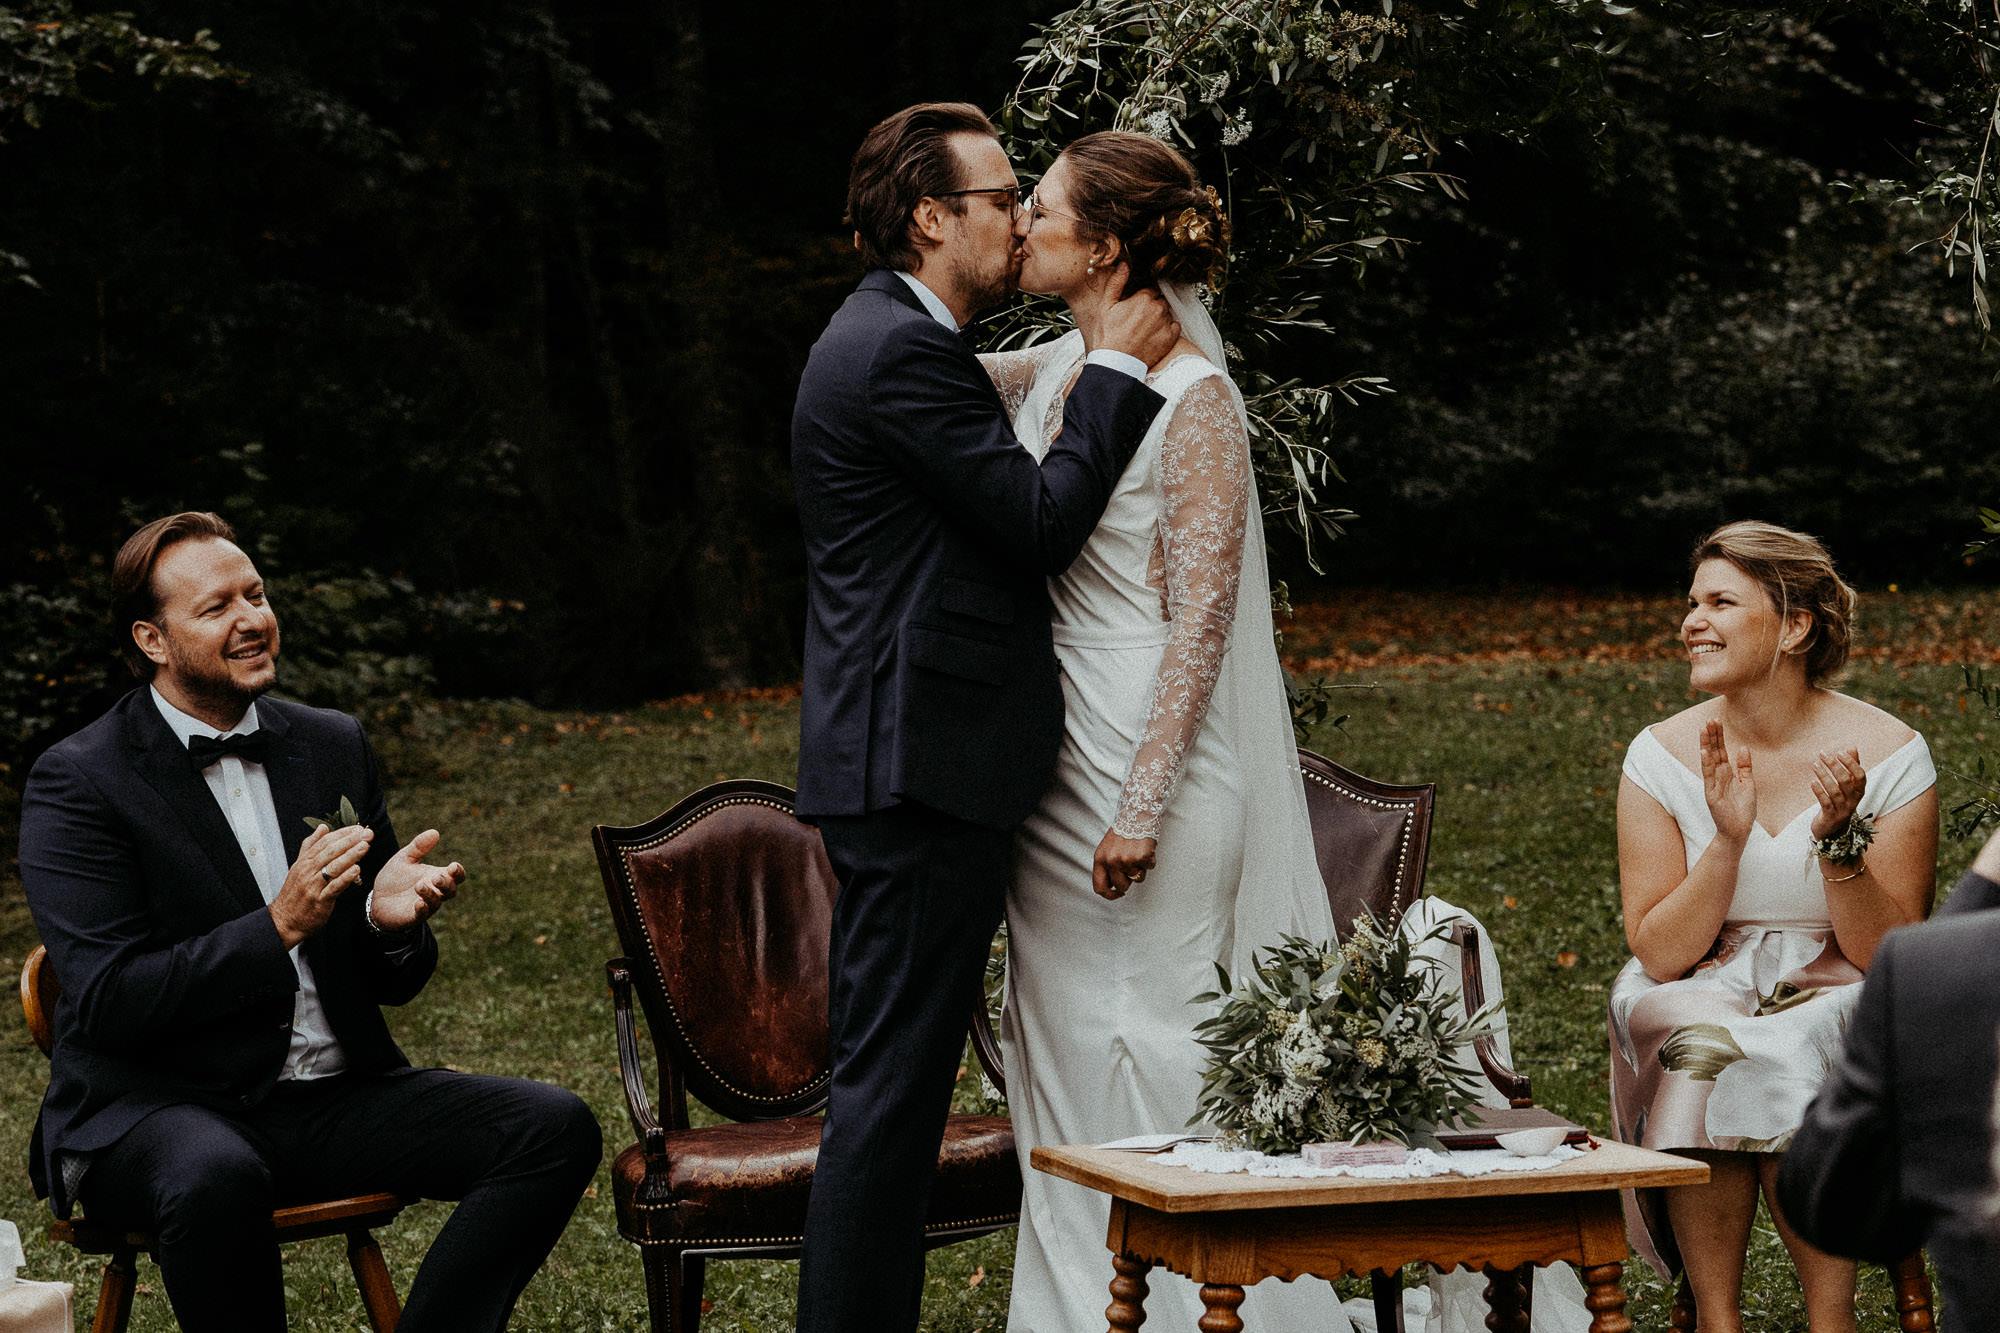 hochzeitsfotograf schweiz hochzeit villa maund kuss